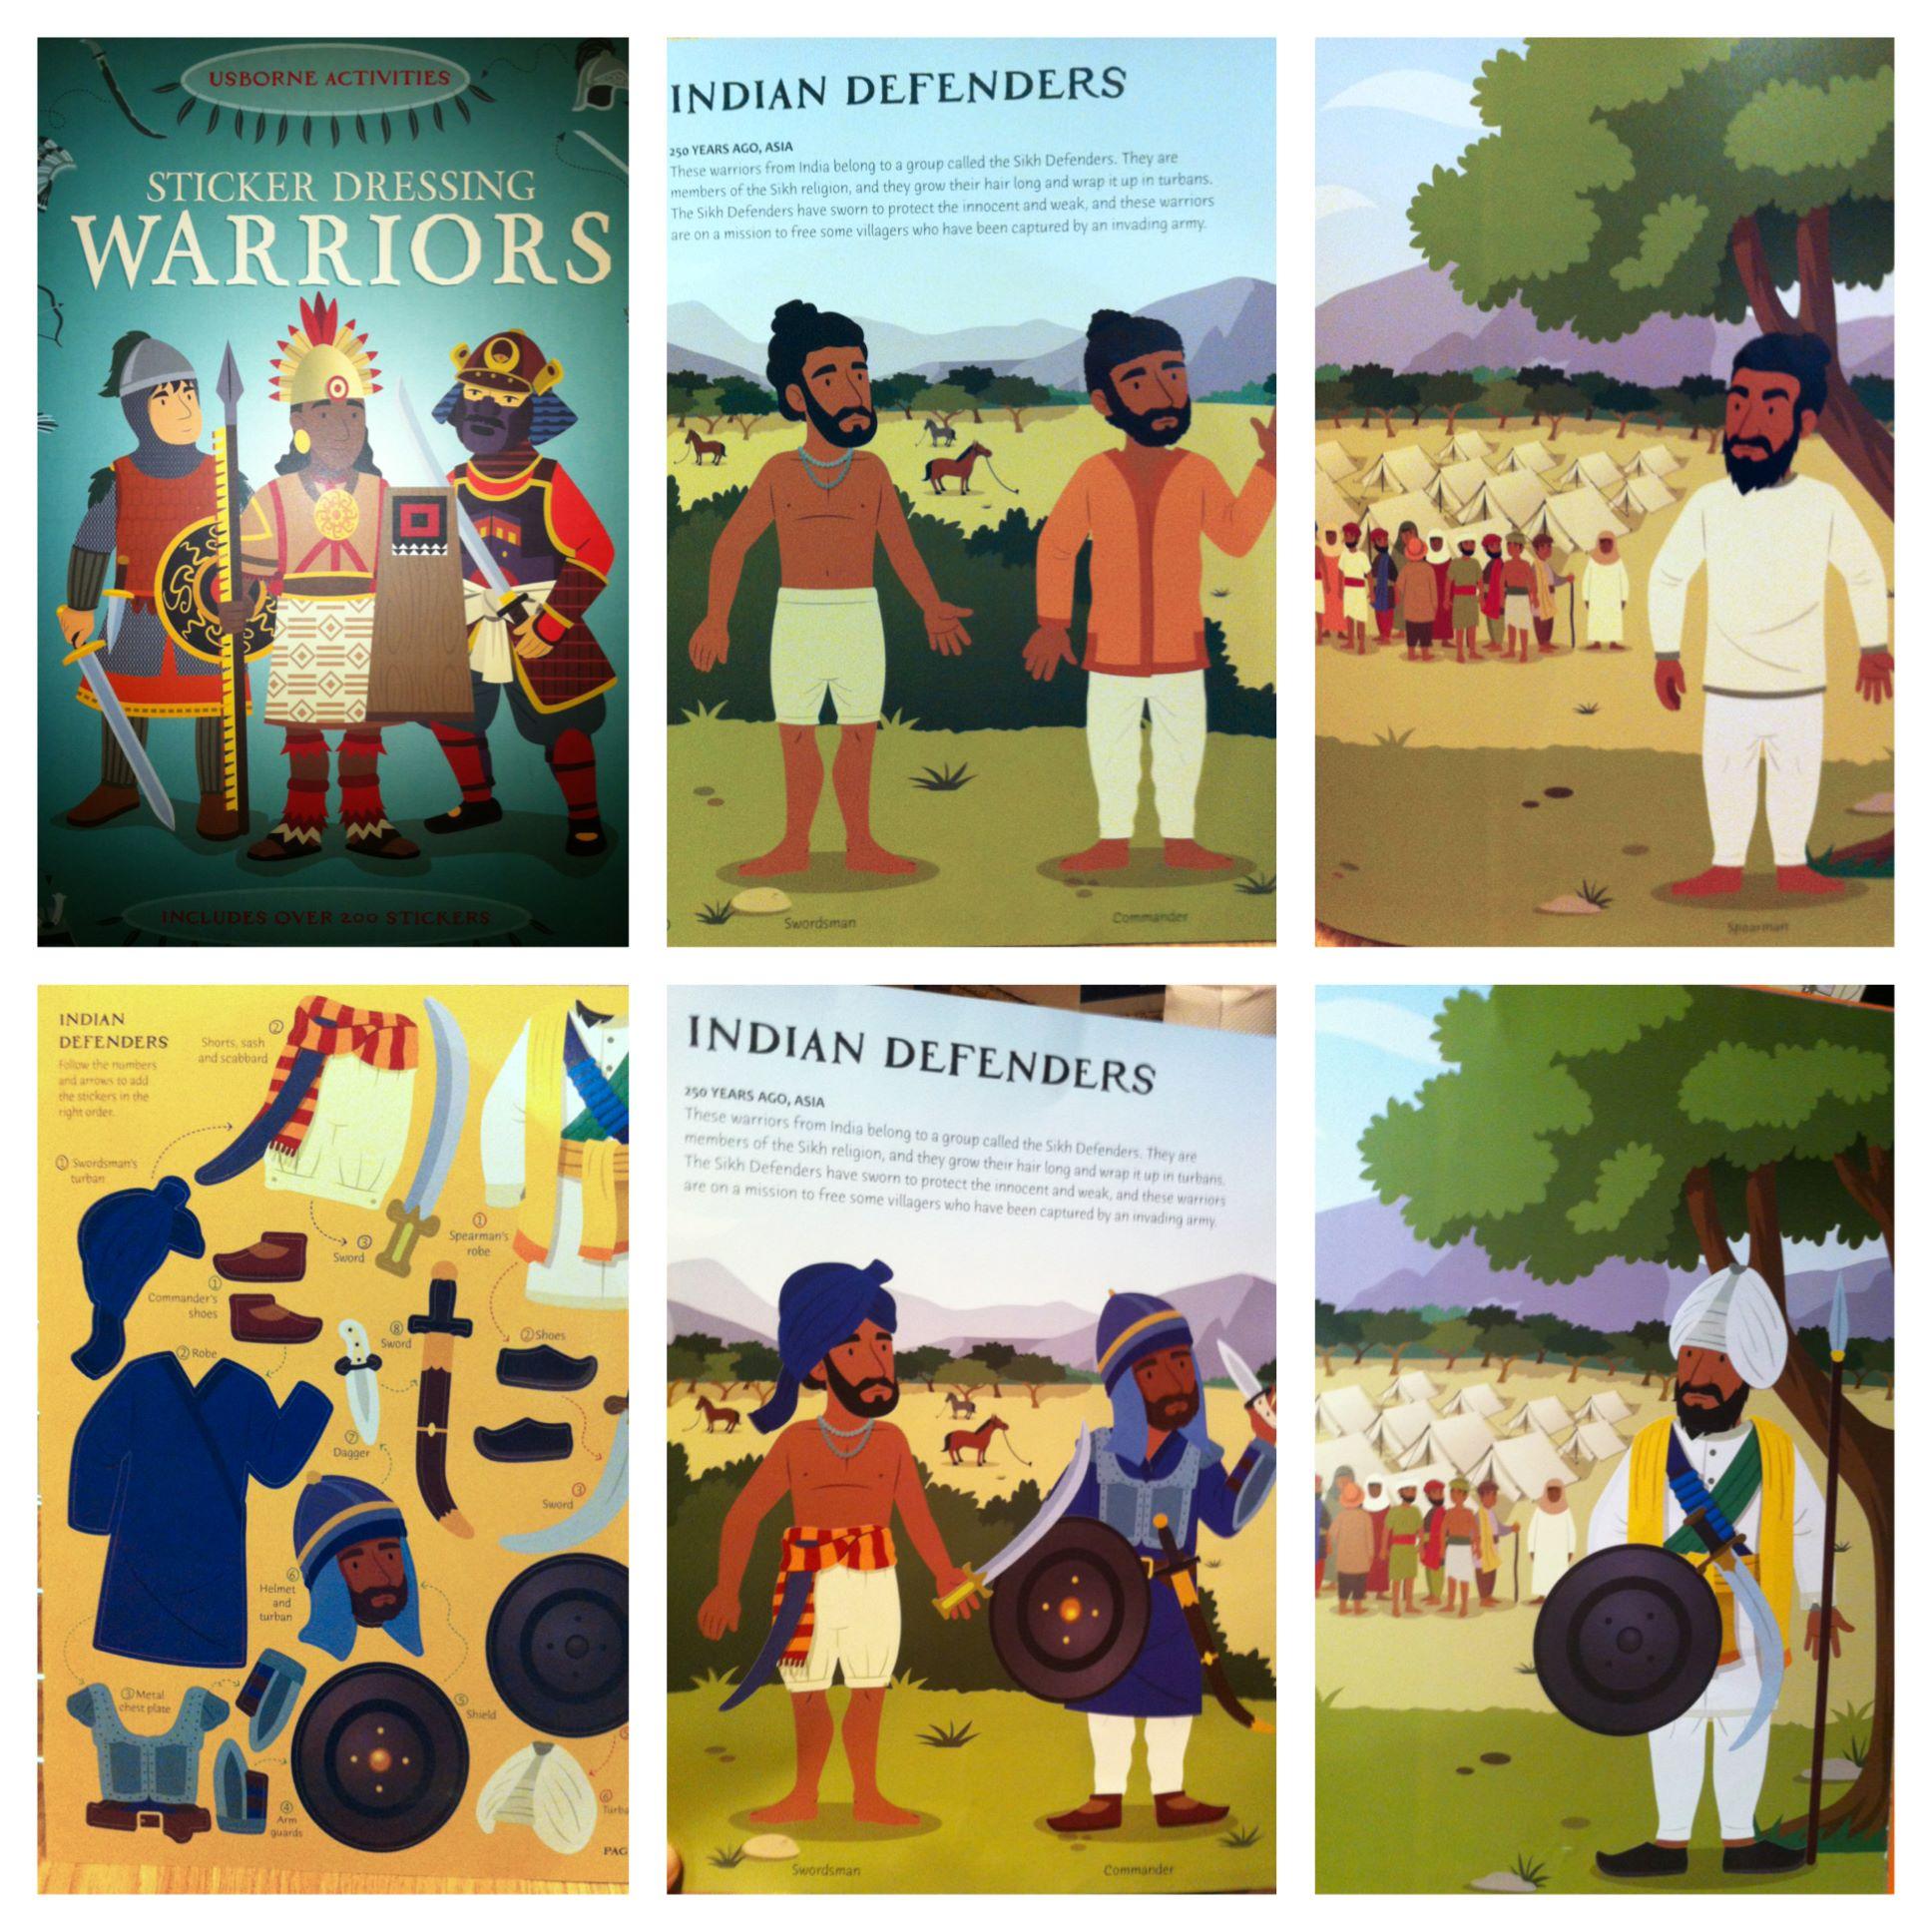 Sikhs in Warriors sticker book by Usborne